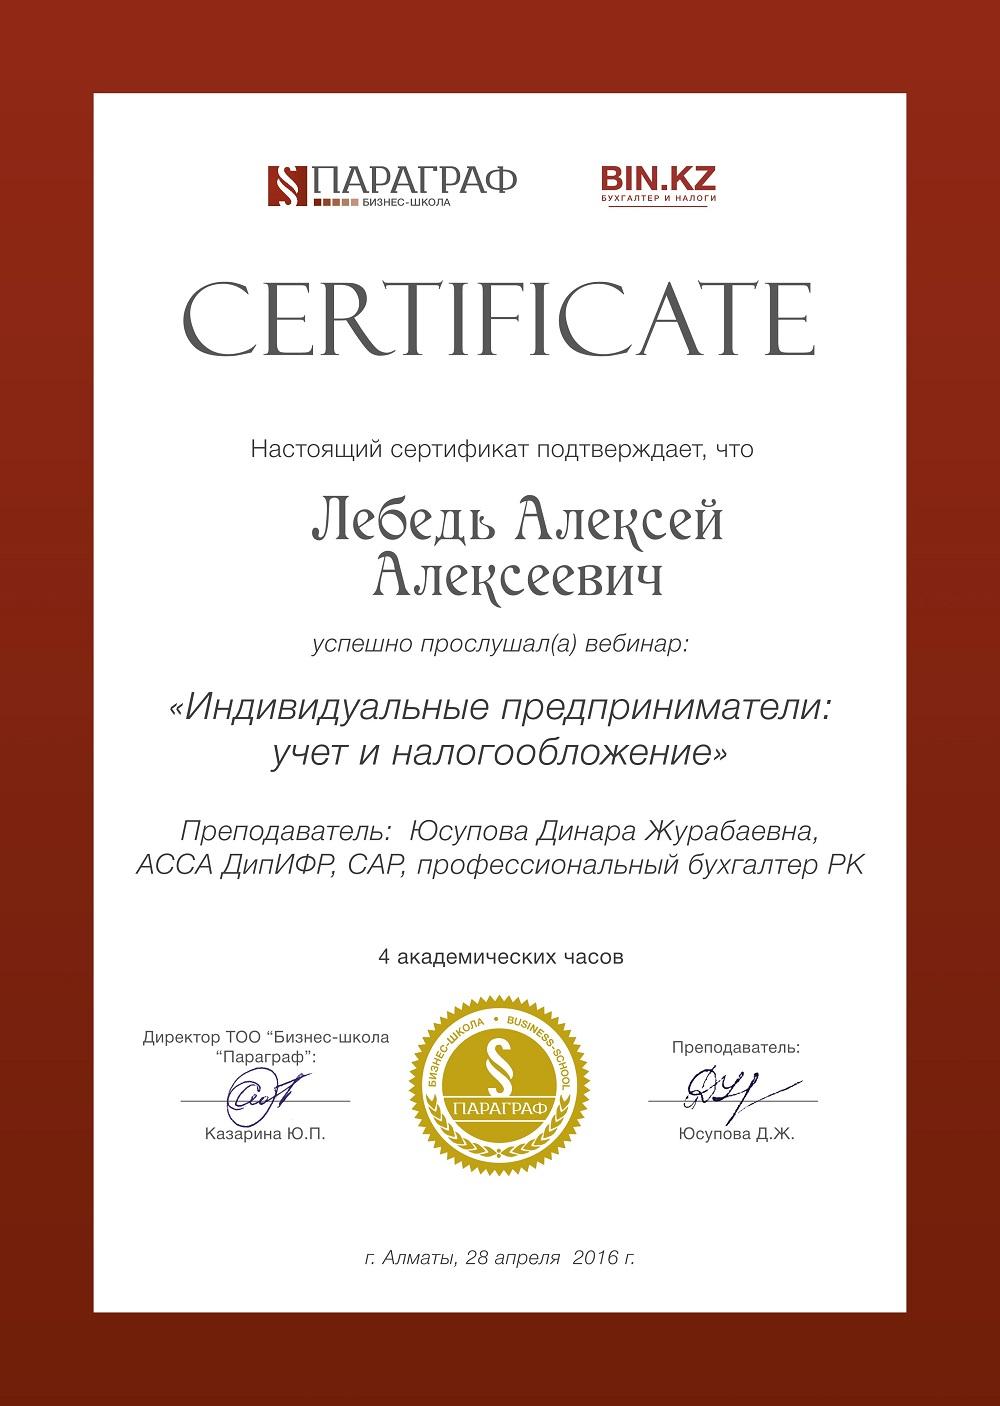 Сертификат Алексея Лебедь Индивидуальные предприниматели учет и налогообложения